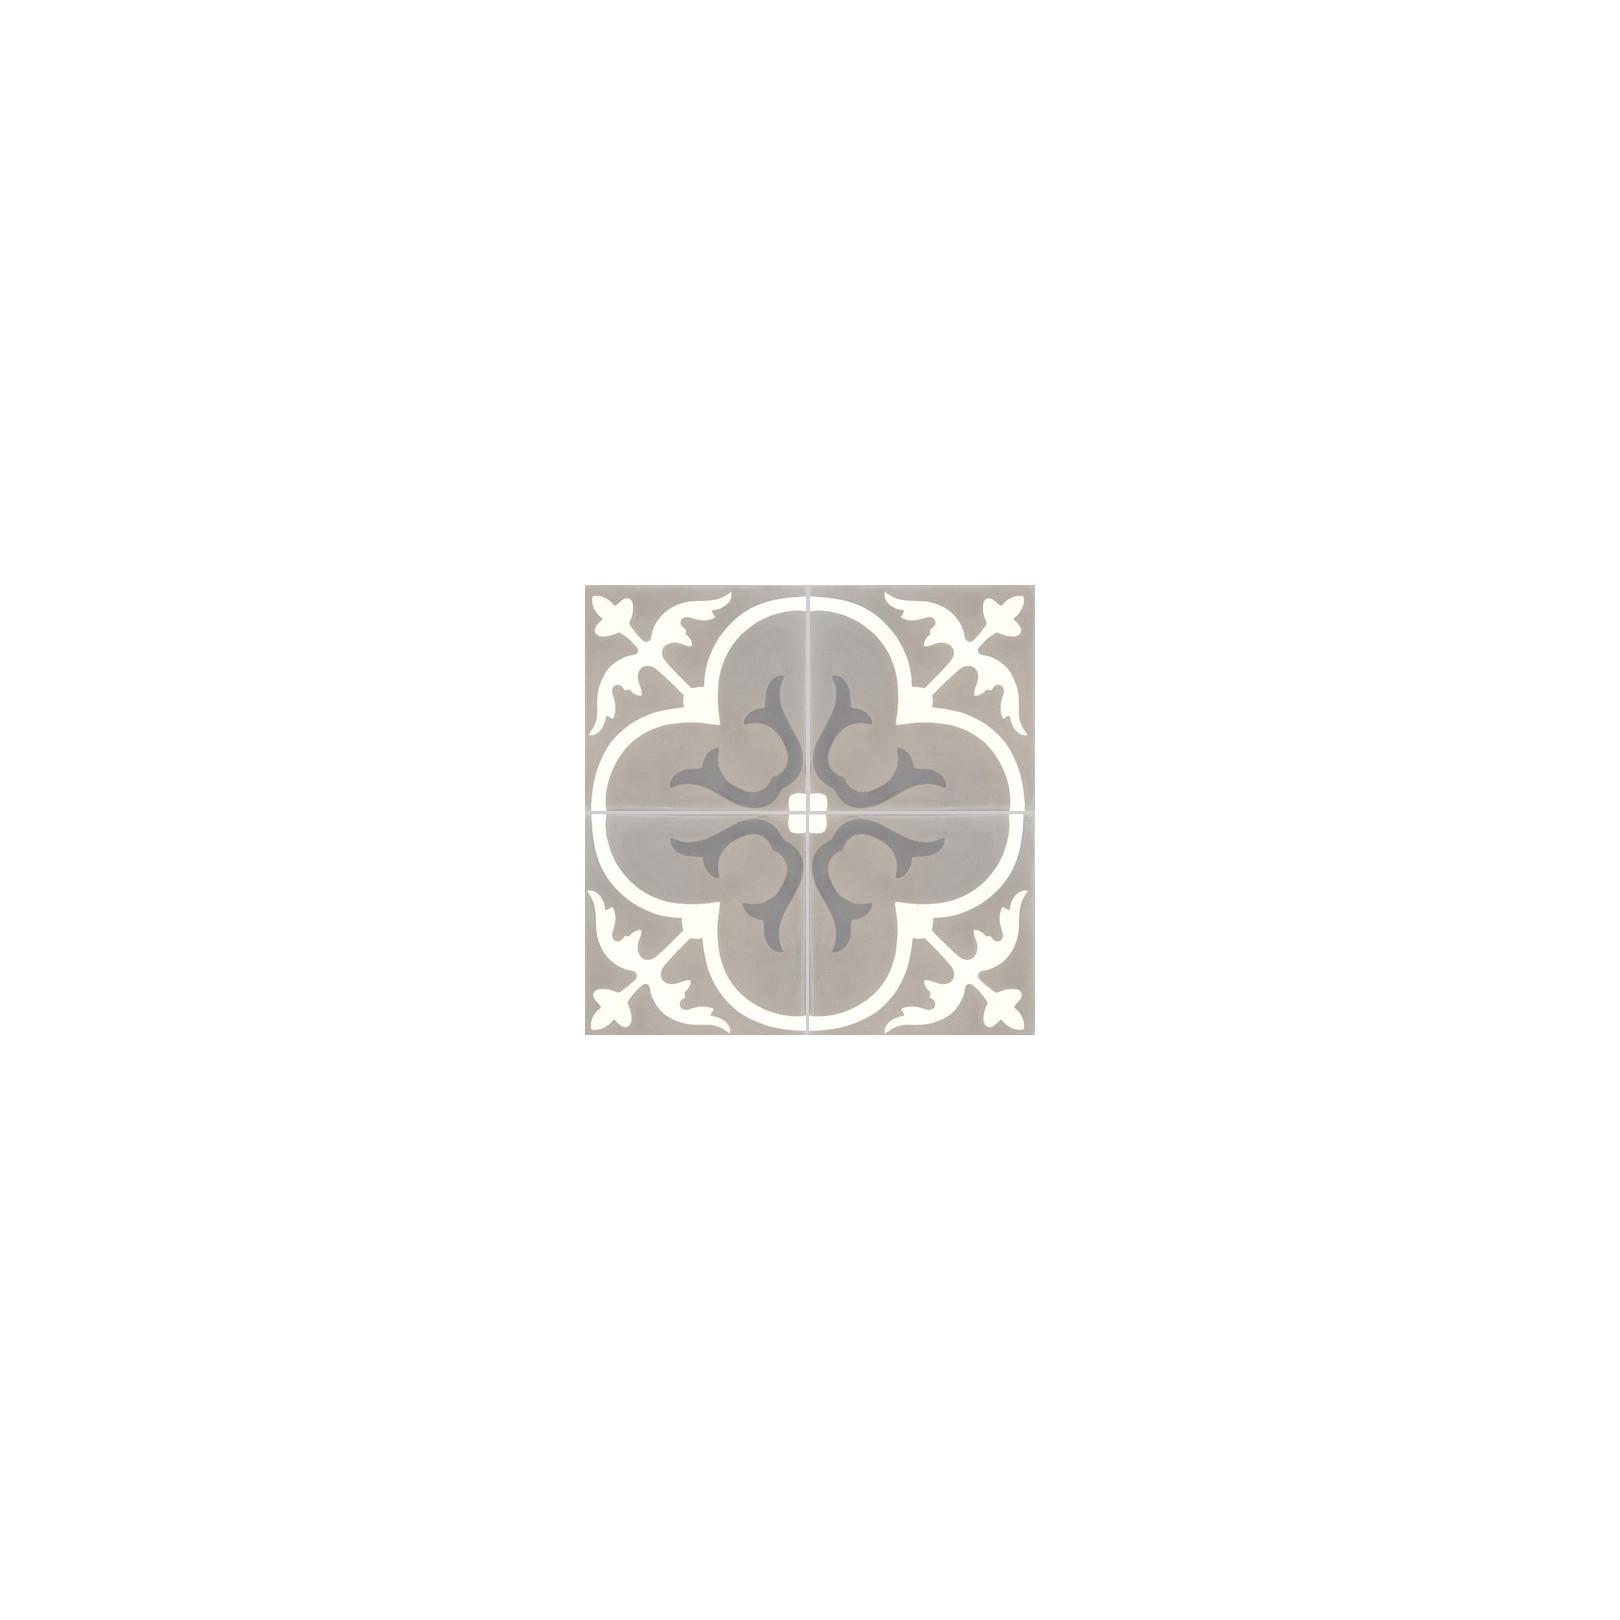 Carreau de ciment coloré motif 4 carreaux gris, blanc et gris moyen T31 27.10.32